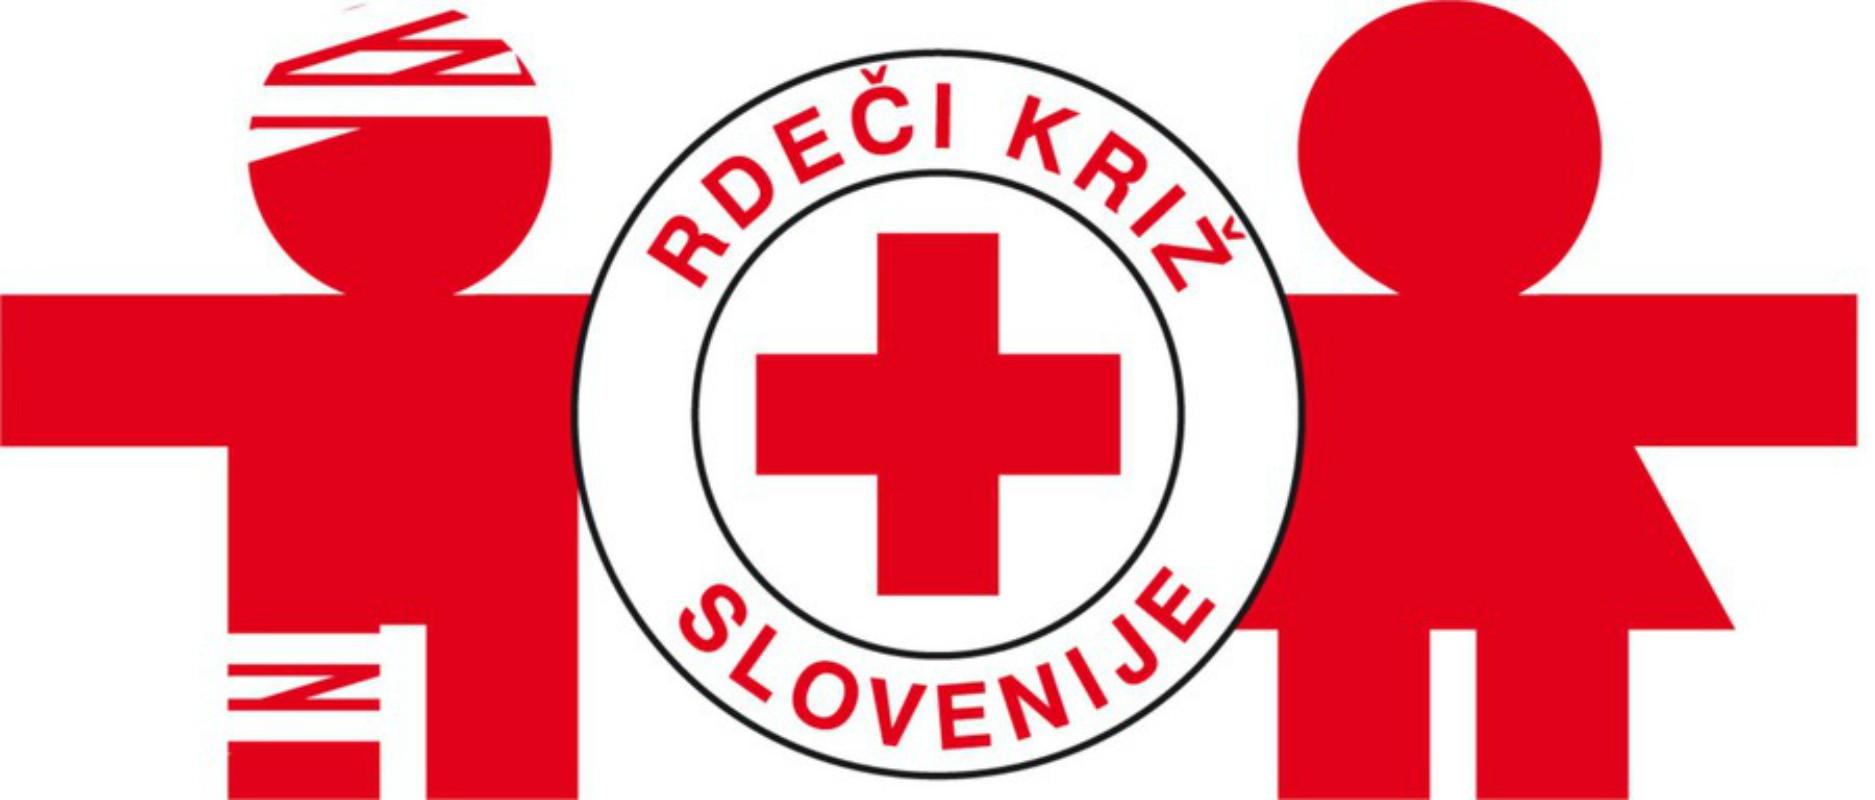 Svetovni dan rdečega križa: Kaj vse počne Rdeči križ?